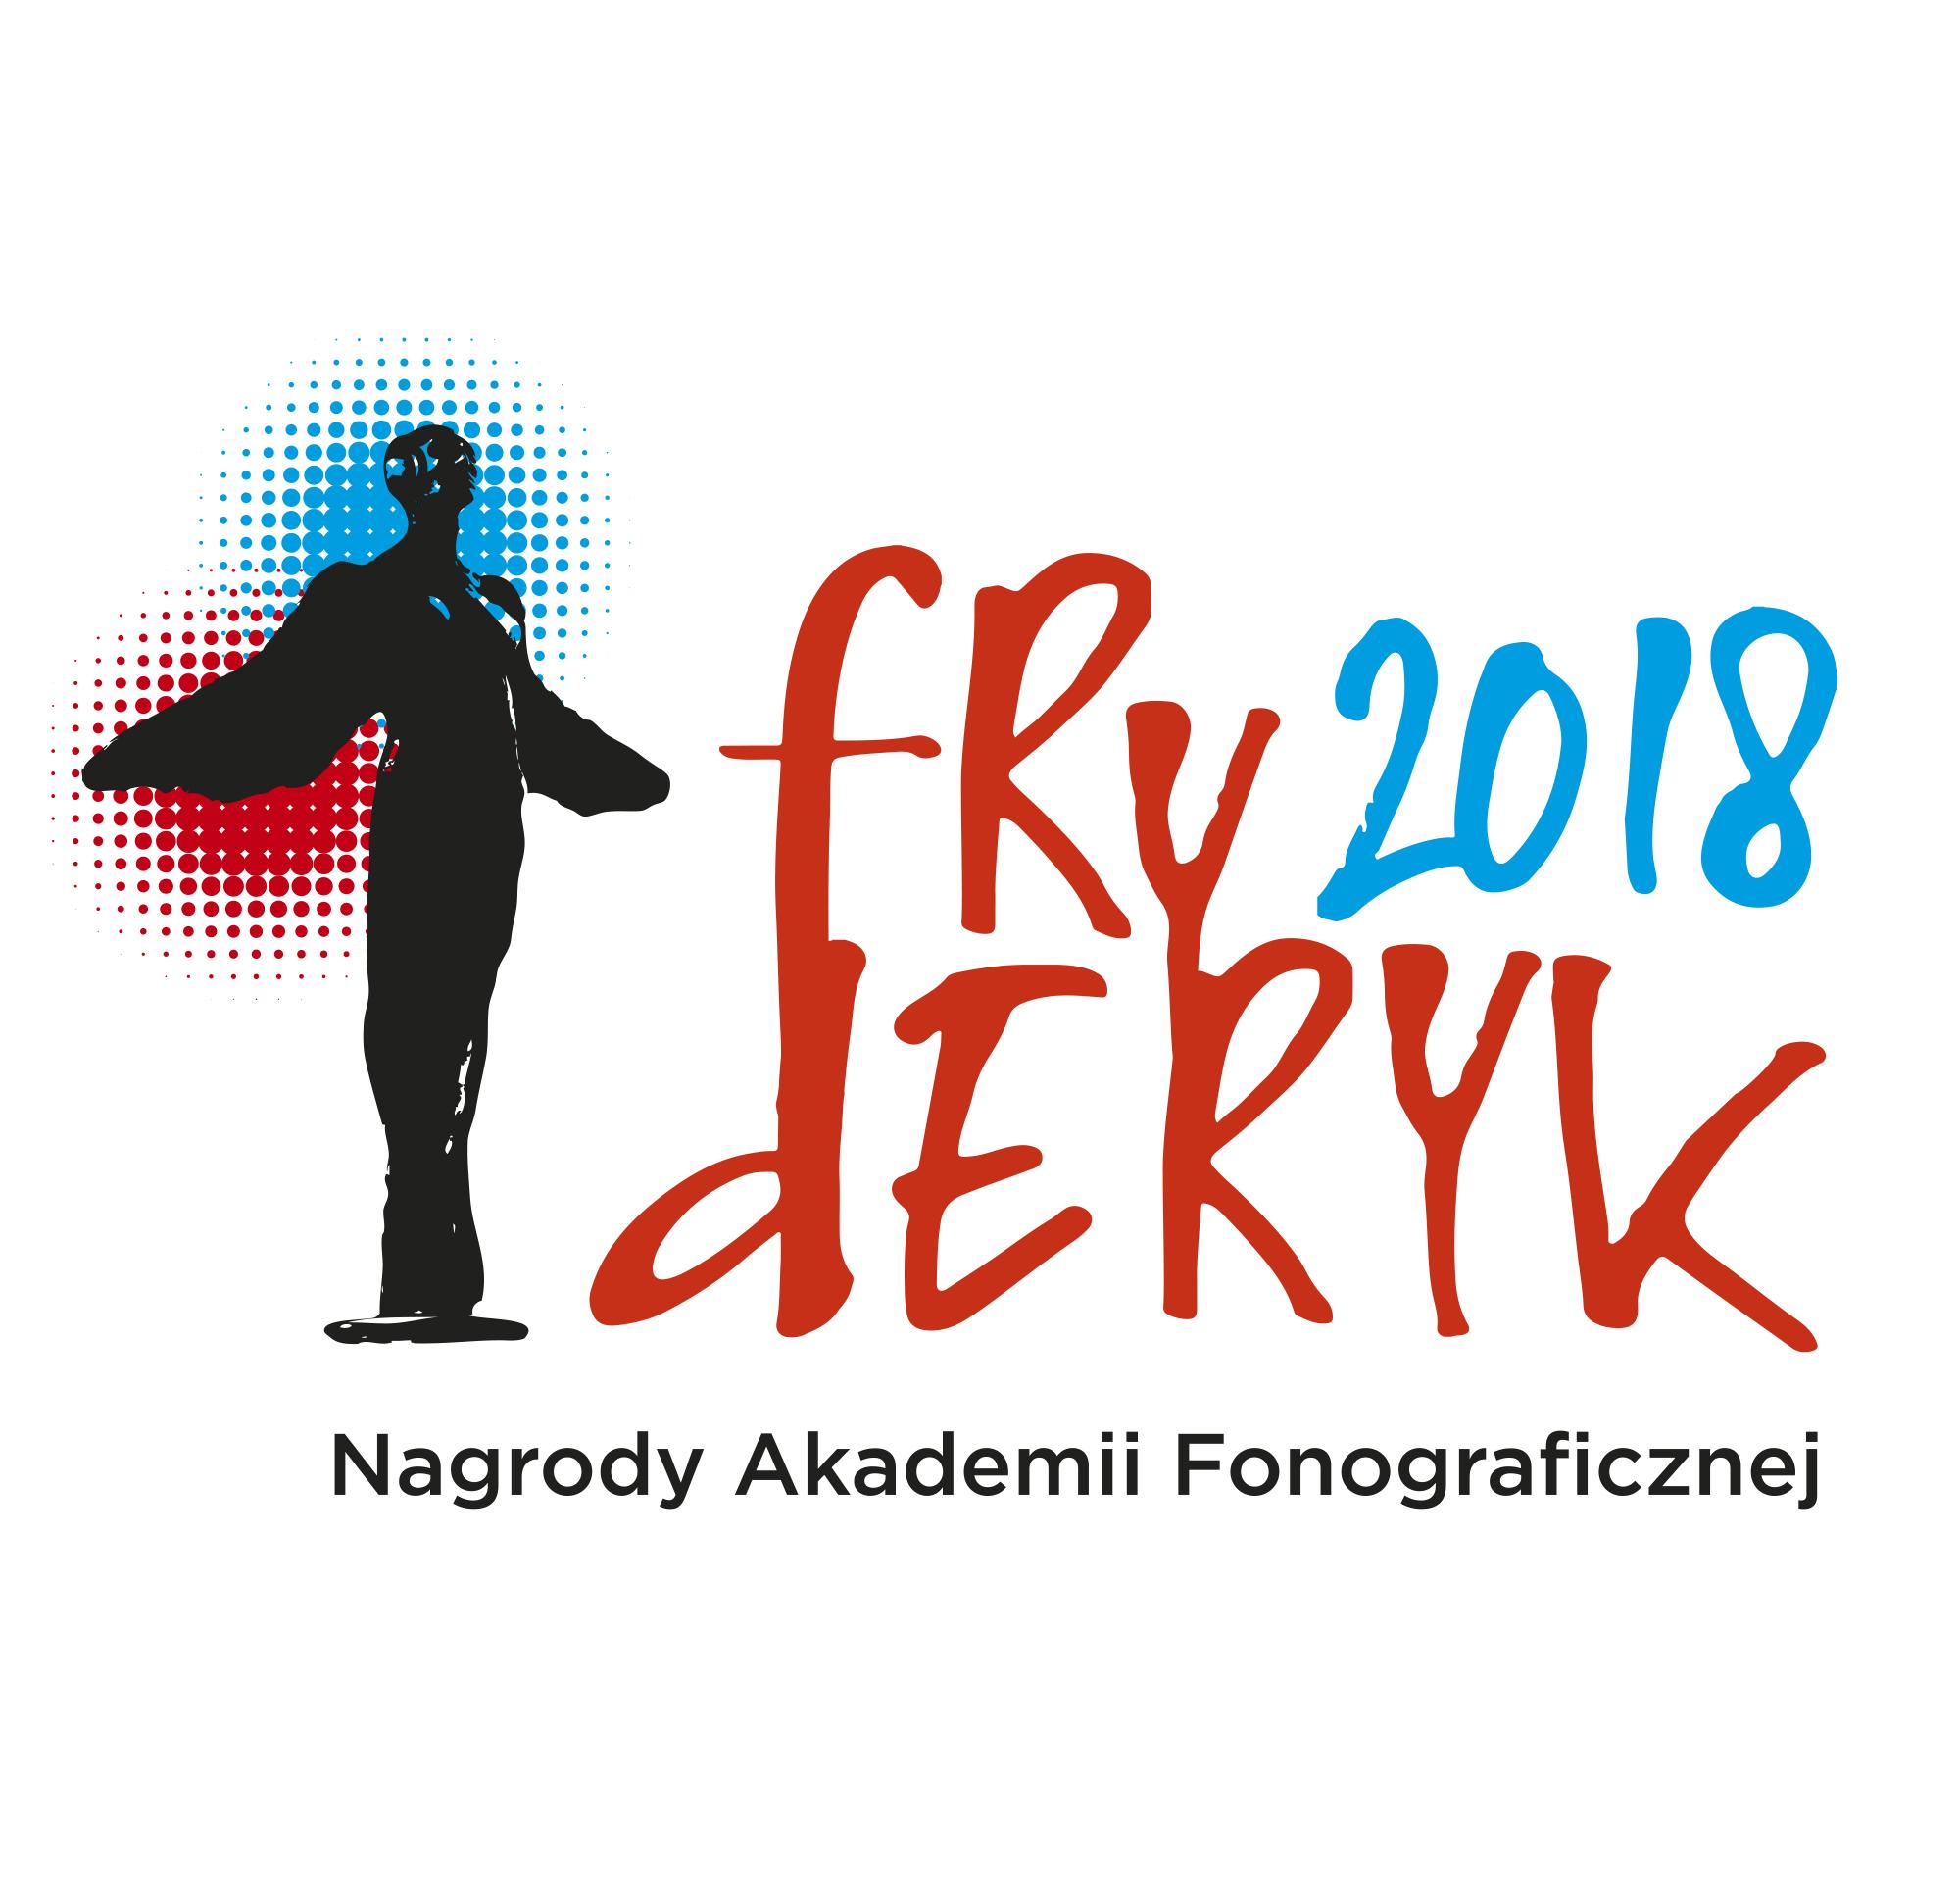 Fryderyk 2018 - daty ogłoszenia nominacji i wręczenia nagród